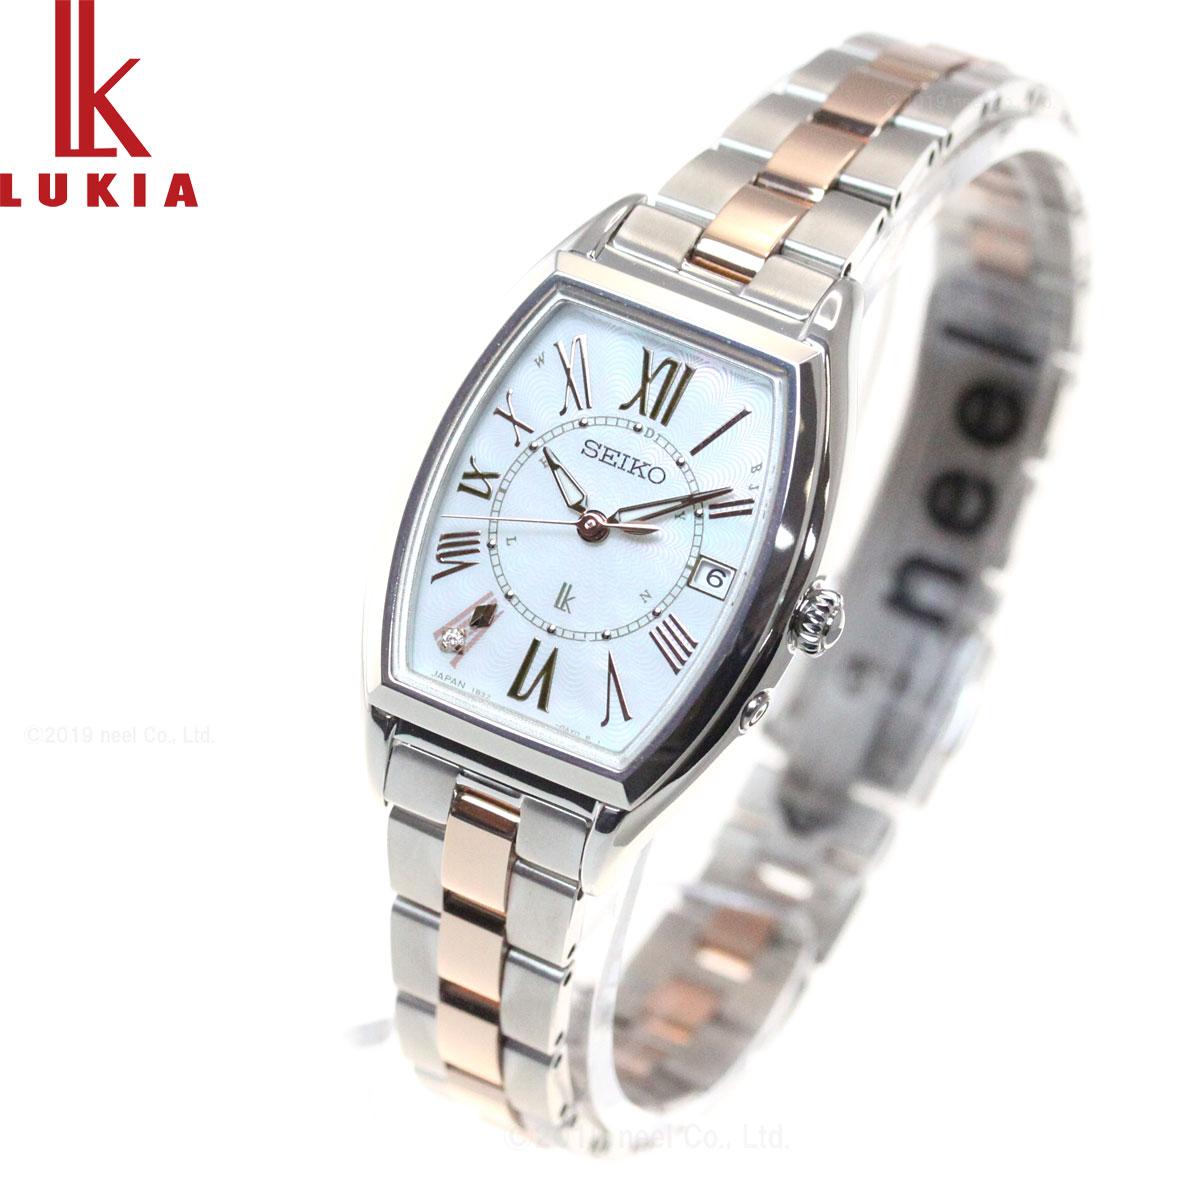 【SEIKO LUKIA】Lady Diamond 腕時計 レディース SSQW051